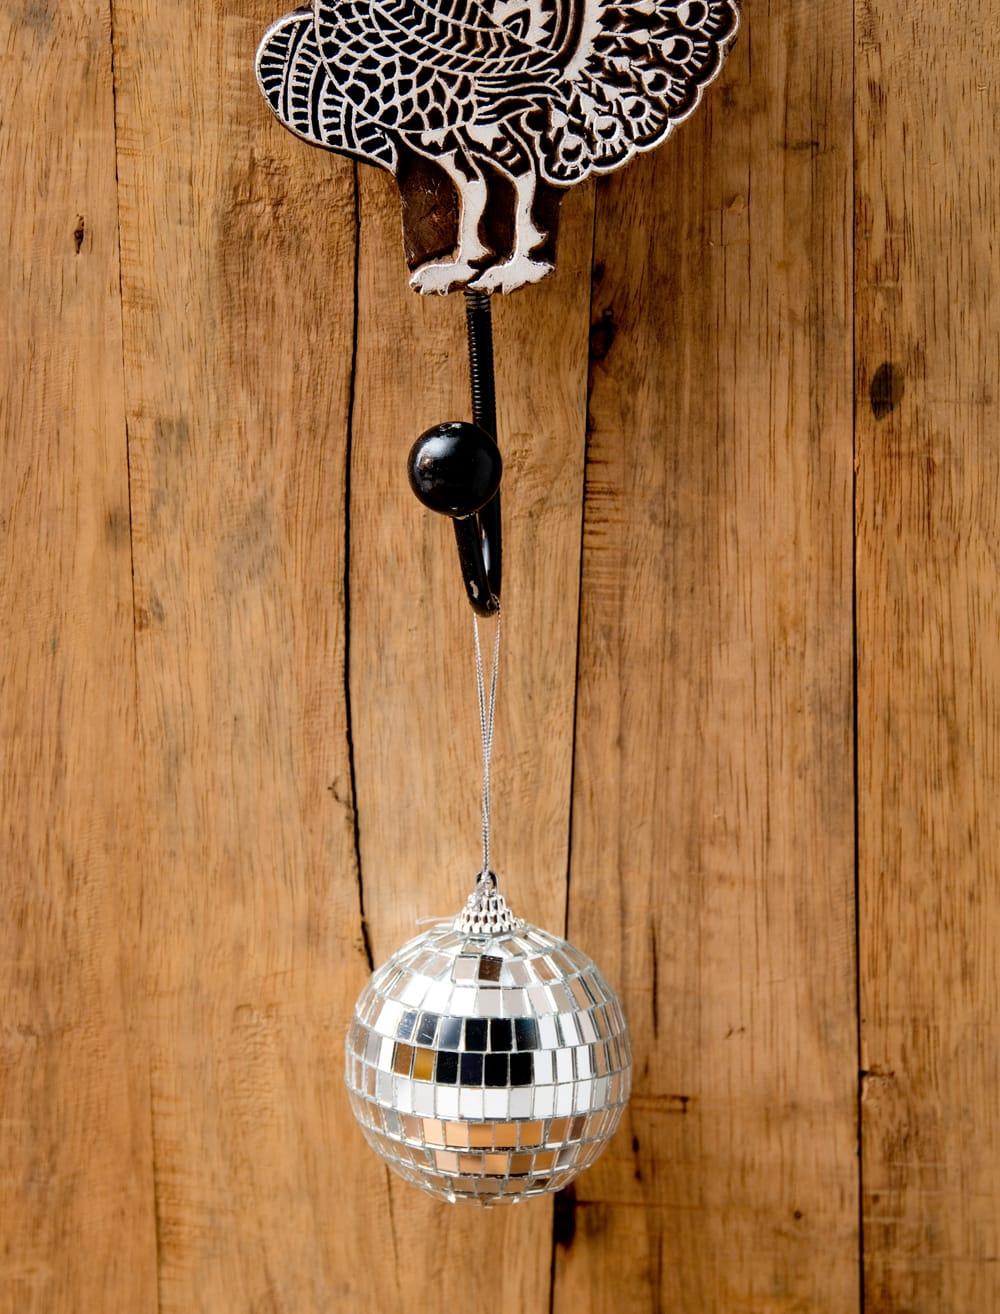 手のひらサイズのミラーボール パーティーなどの装飾へ[70mm] 3 - 紐がついているので、このように吊るして使えます。